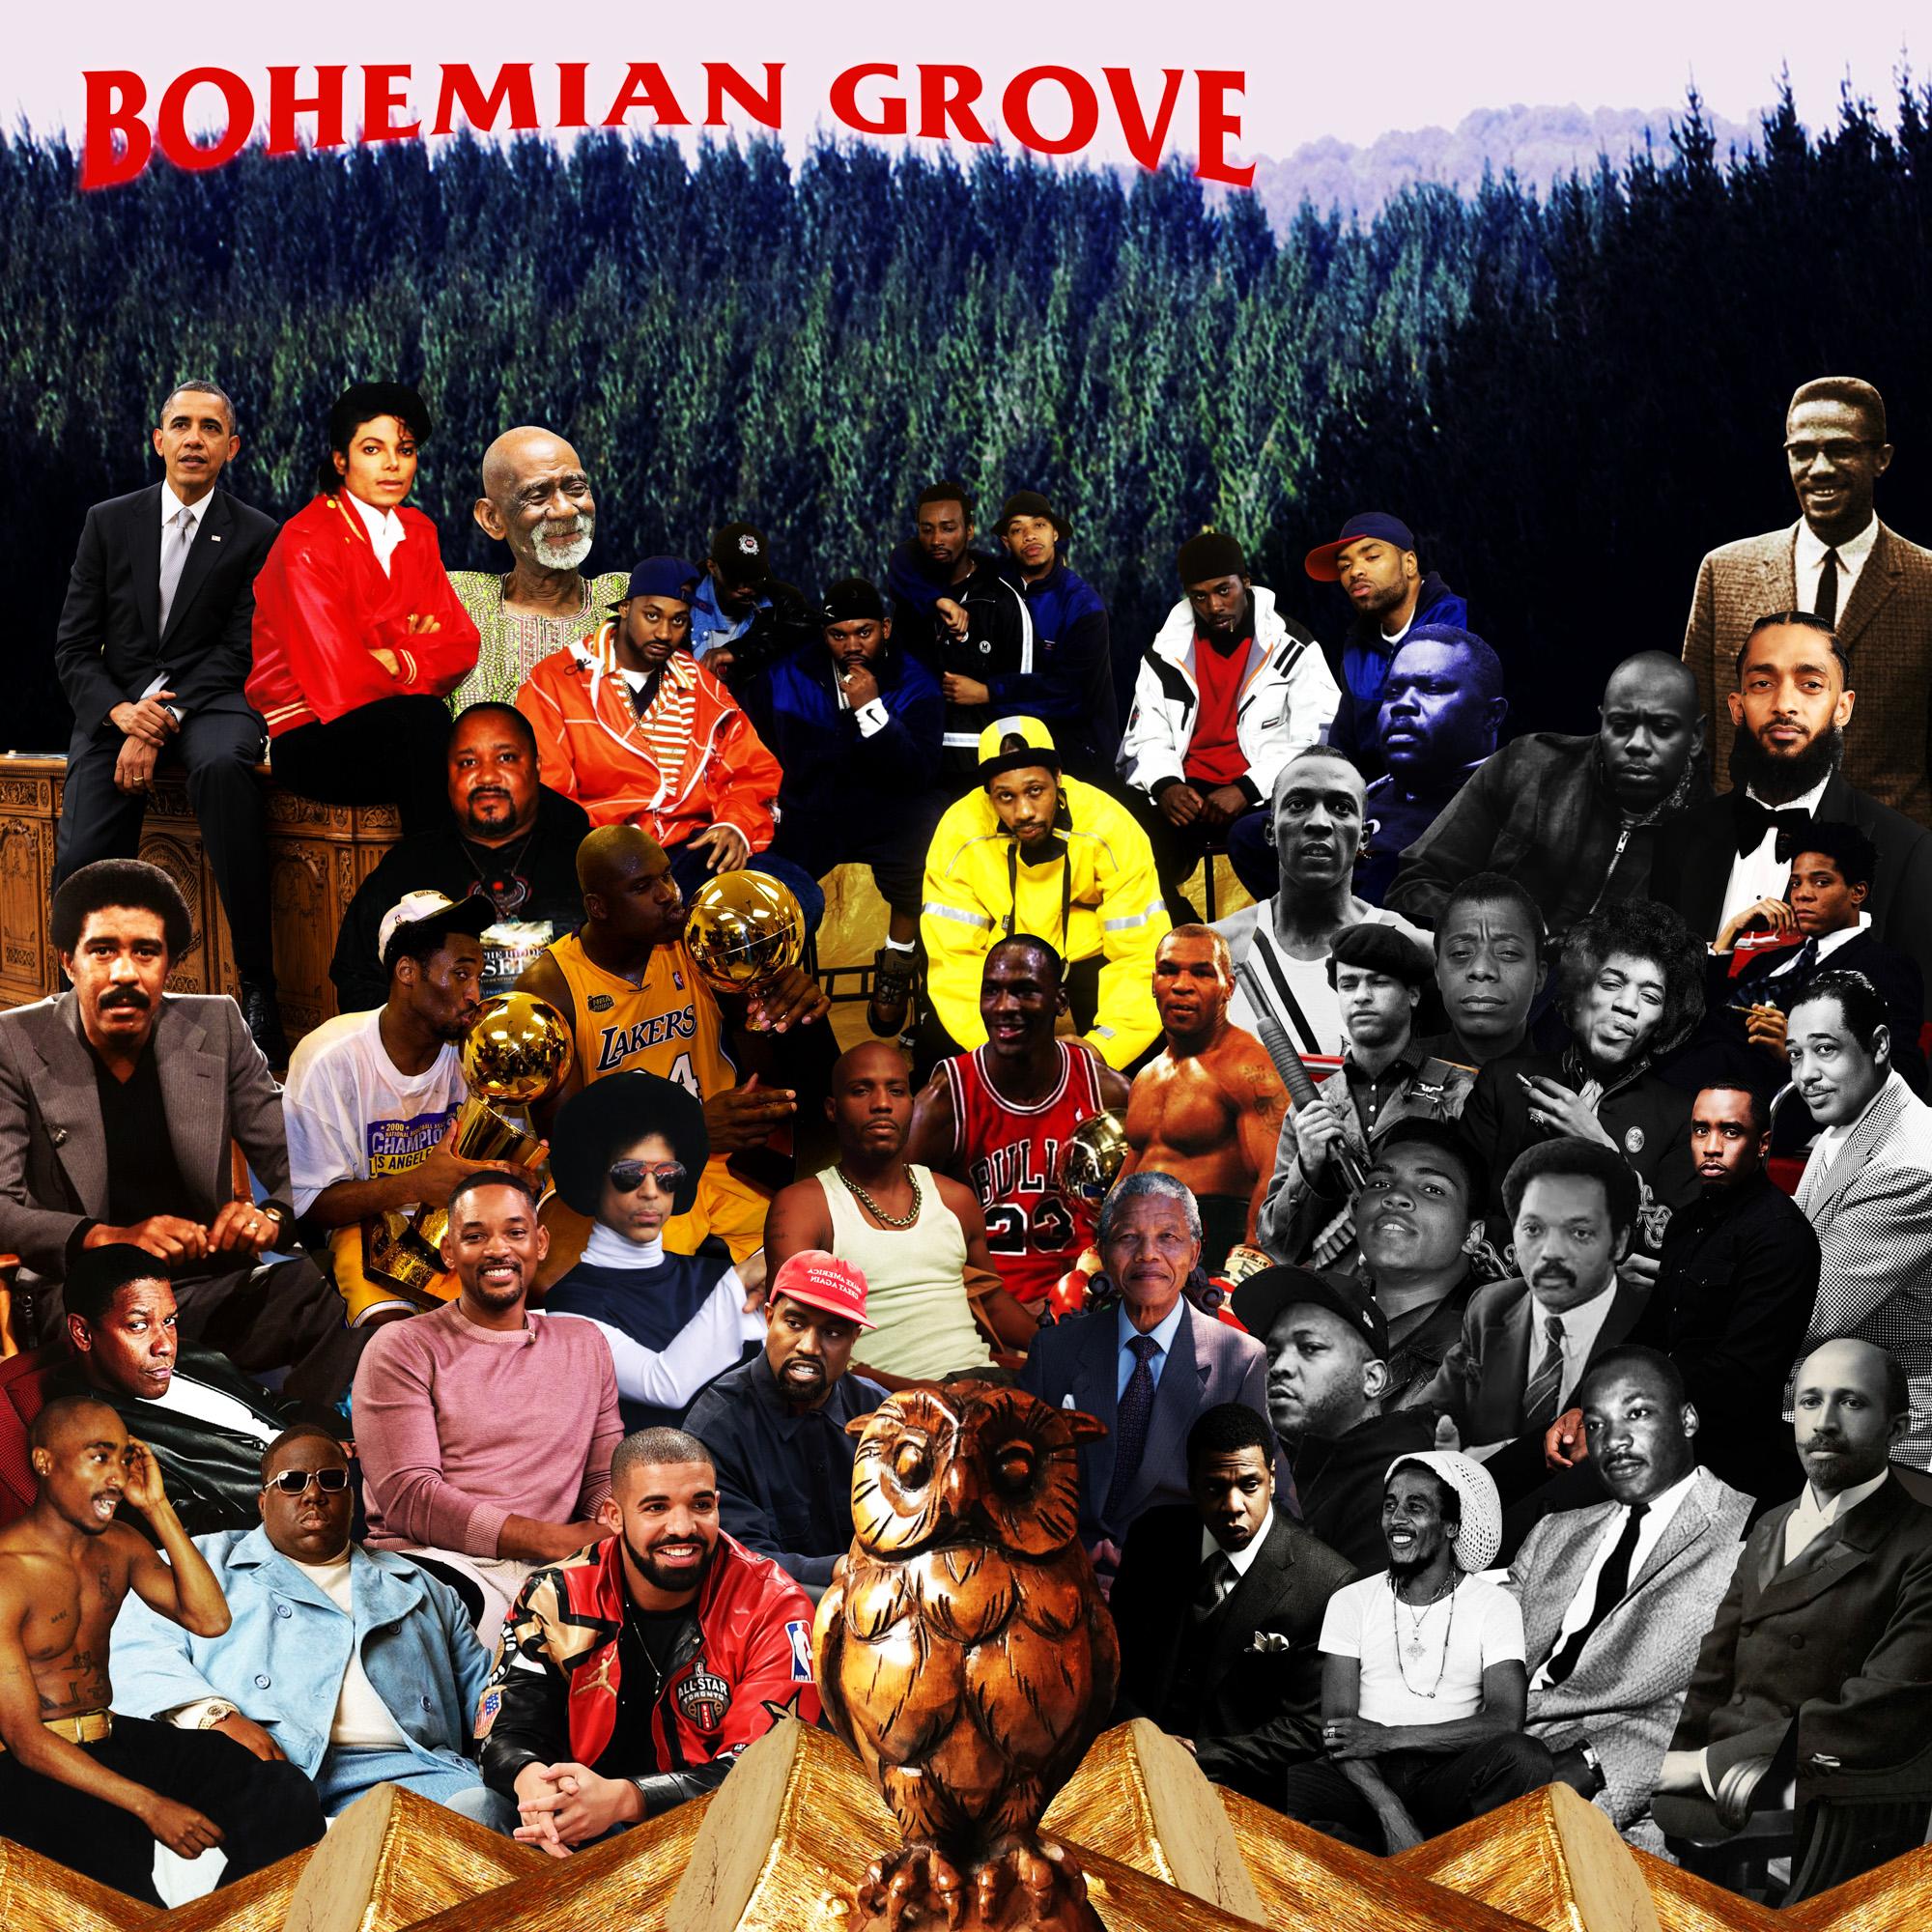 Sebastein Miller, Bohemian Grove, 2018–19. Courtesy of the artist